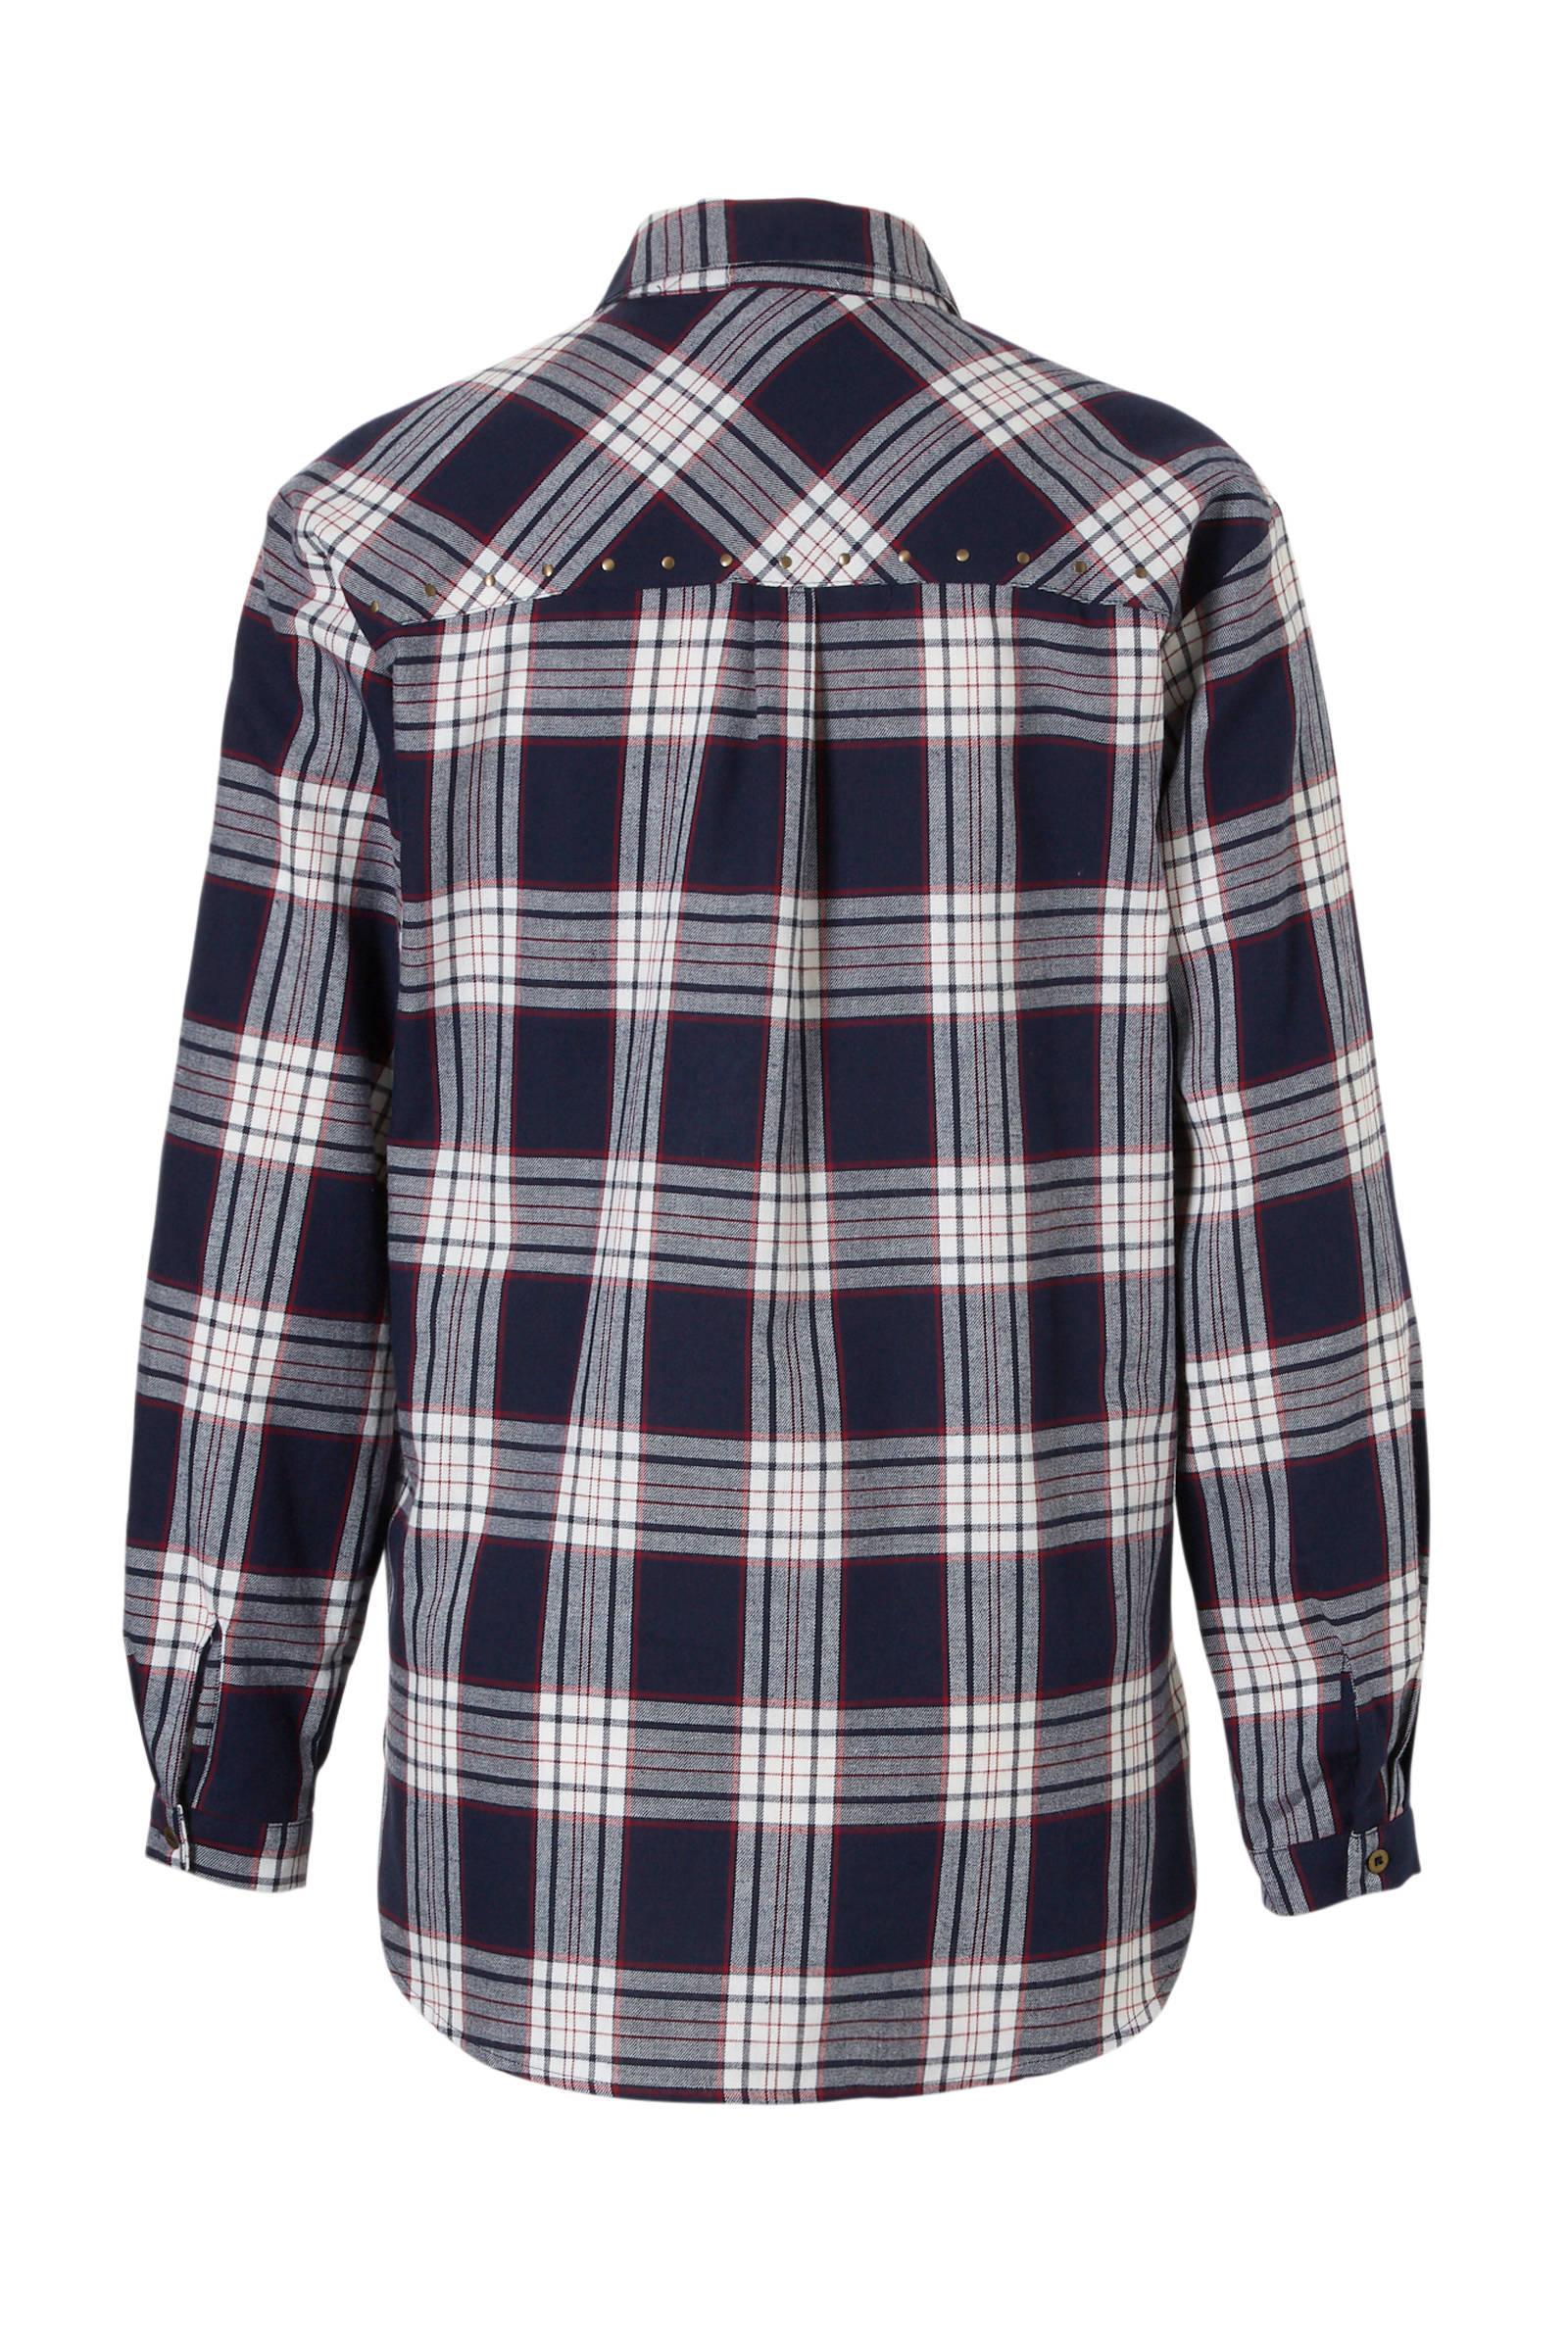 ESPRIT edc edc Women geruite geruite ESPRIT edc blouse Women Women edc geruite blouse ESPRIT blouse Women ESPRIT OAwqO1r